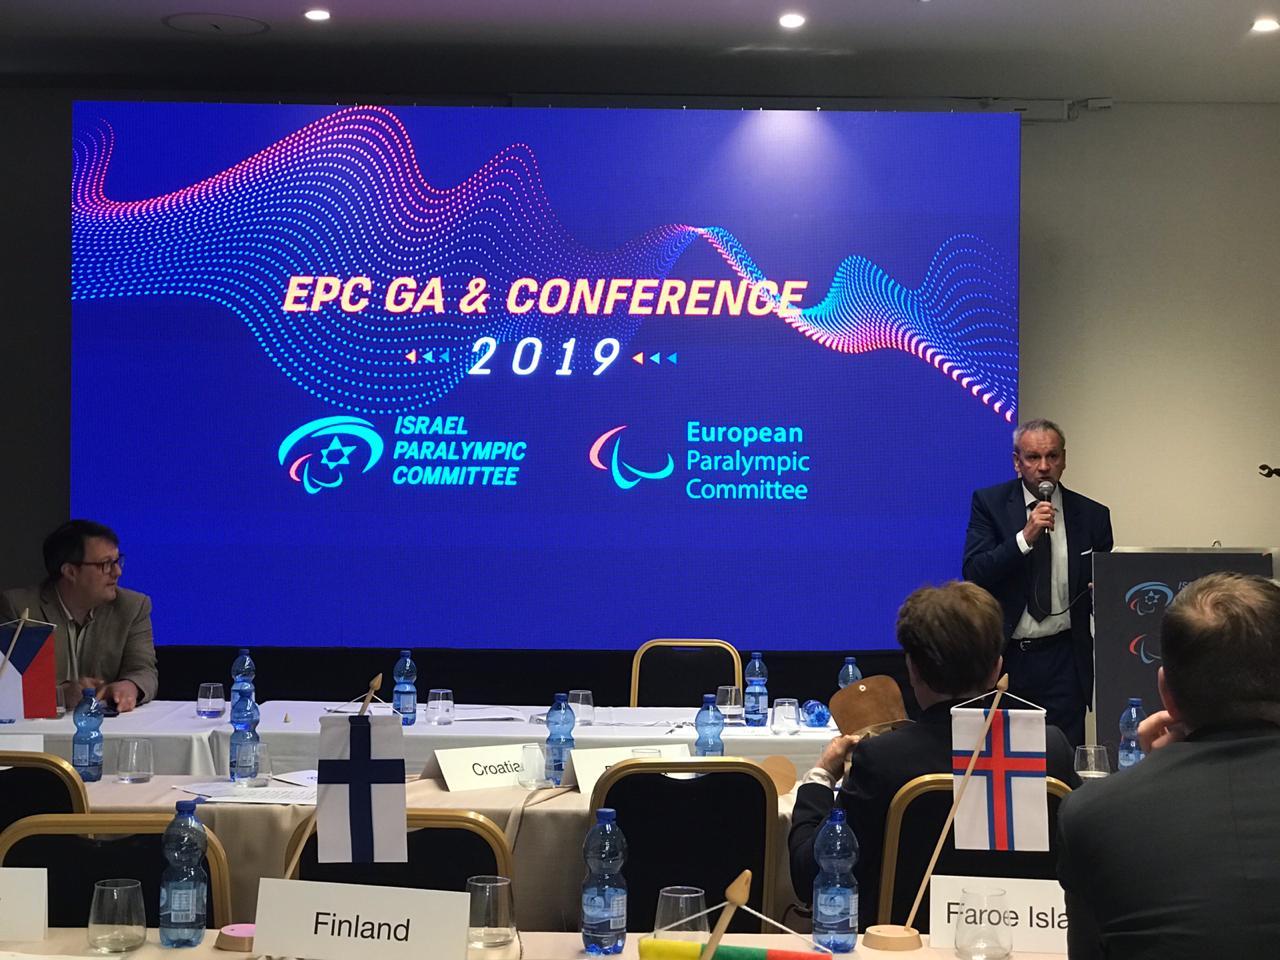 В.П. Лукин, П.А. Рожков в г. Натанья (Израиль) приняли участие в Генеральной Ассамблее Европейского паралимпийского комитета